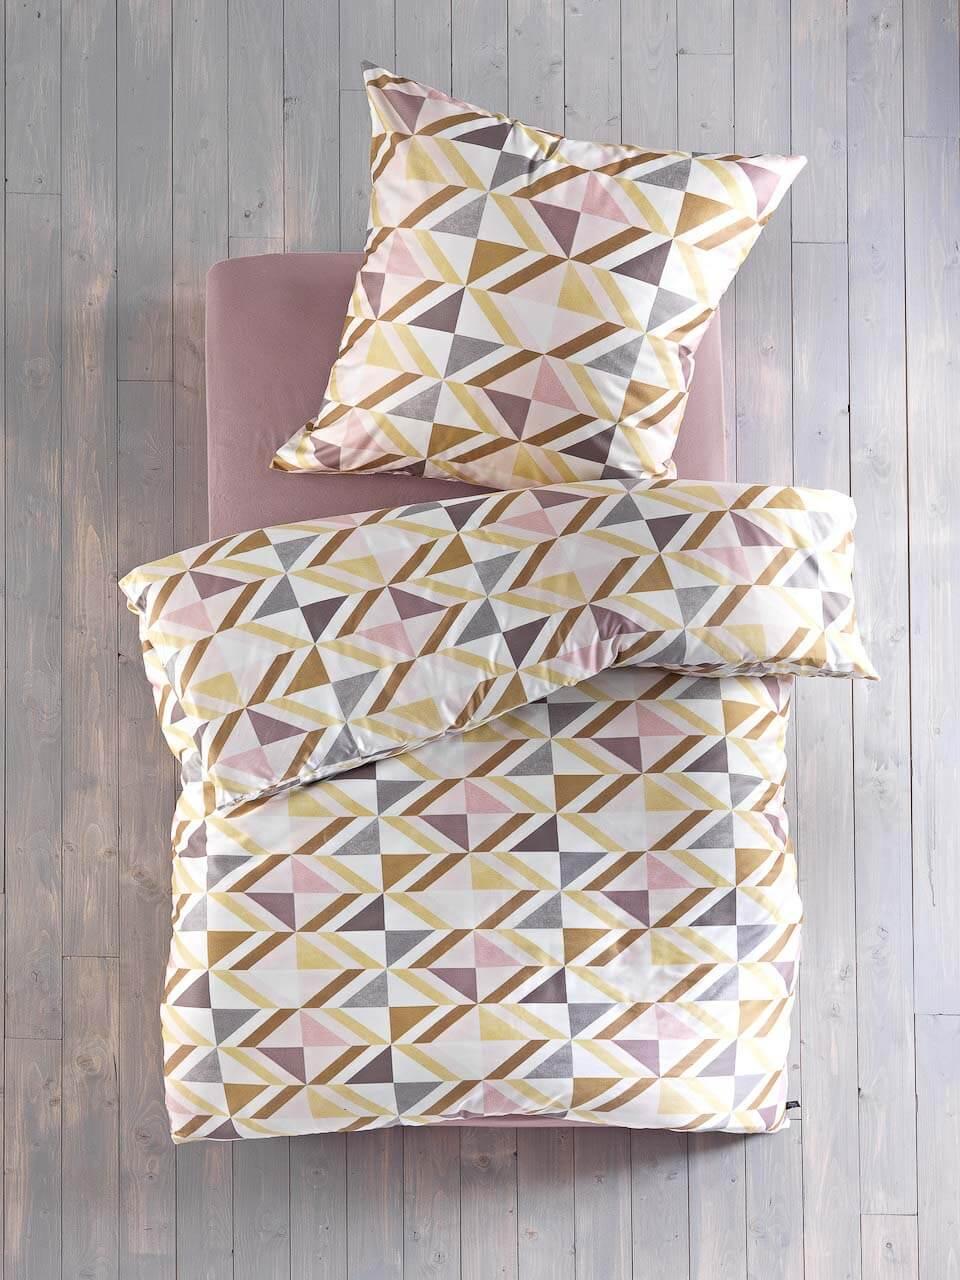 mako satin bettw sche madrid homesphere onlineshop f r heimtextilien und mehr. Black Bedroom Furniture Sets. Home Design Ideas